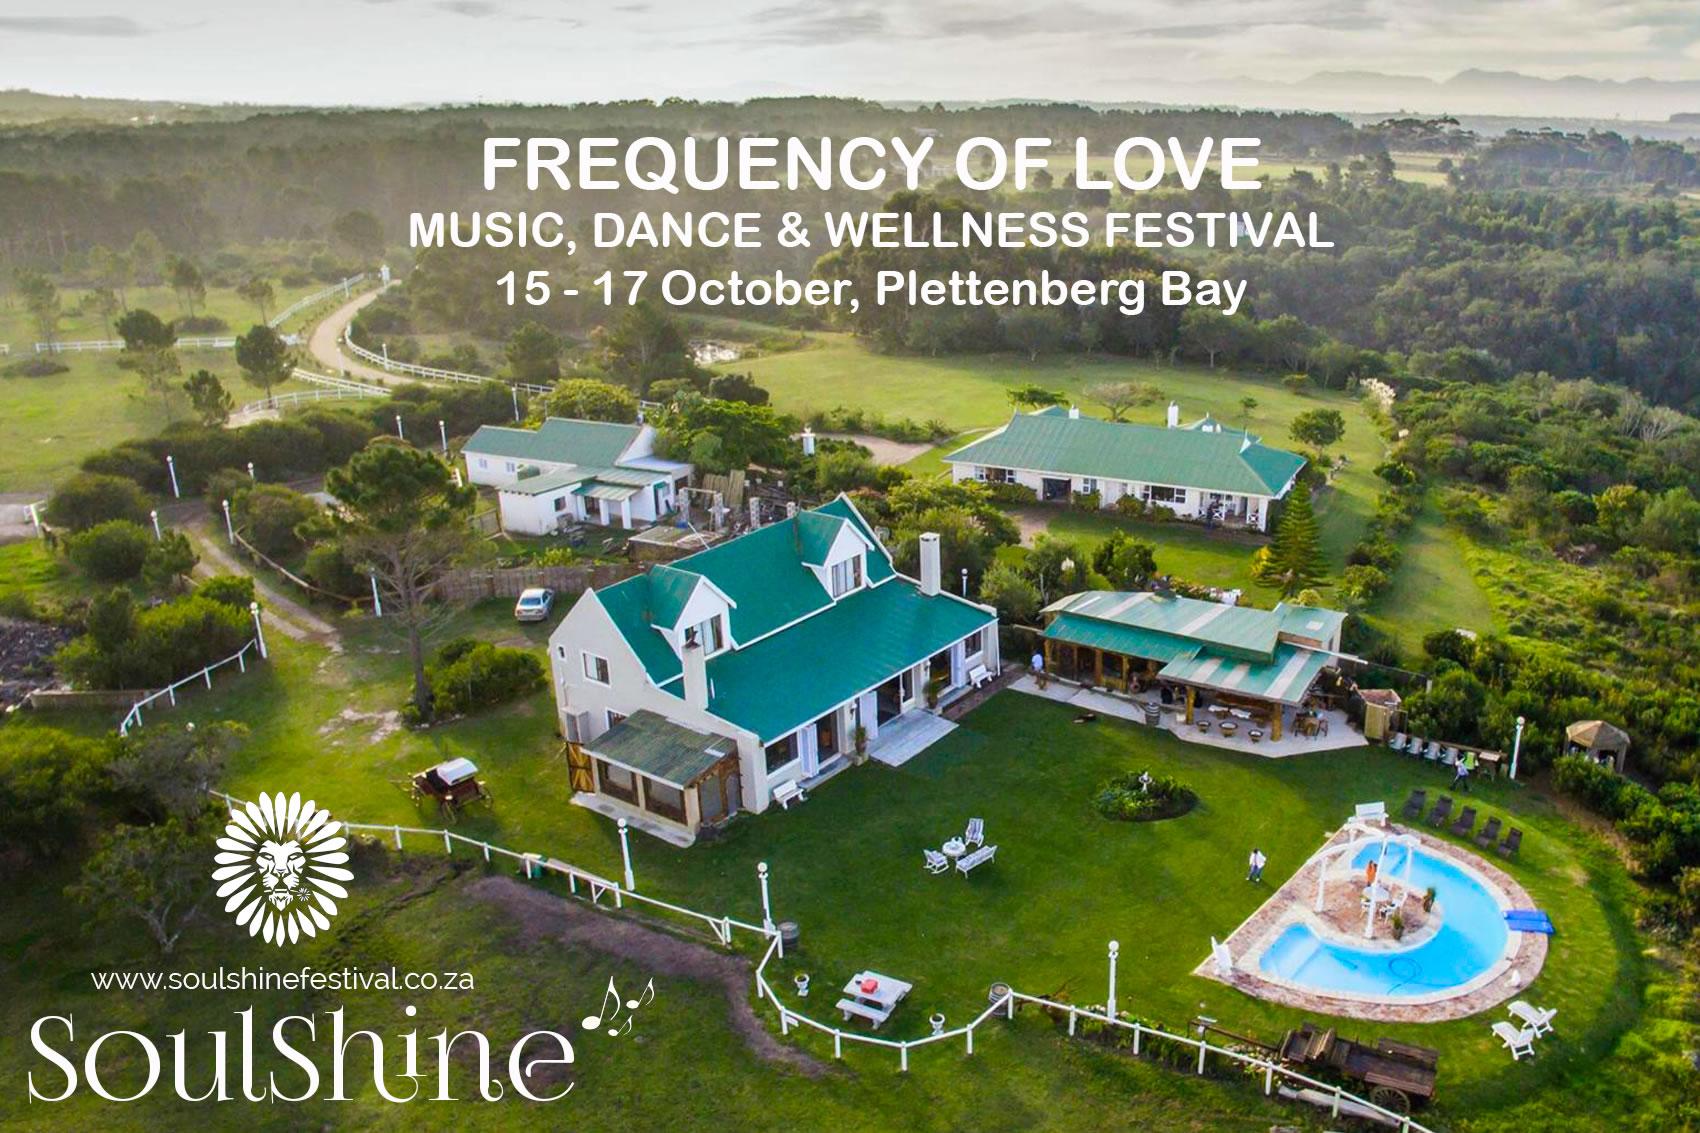 Soulshine Festival in Plett